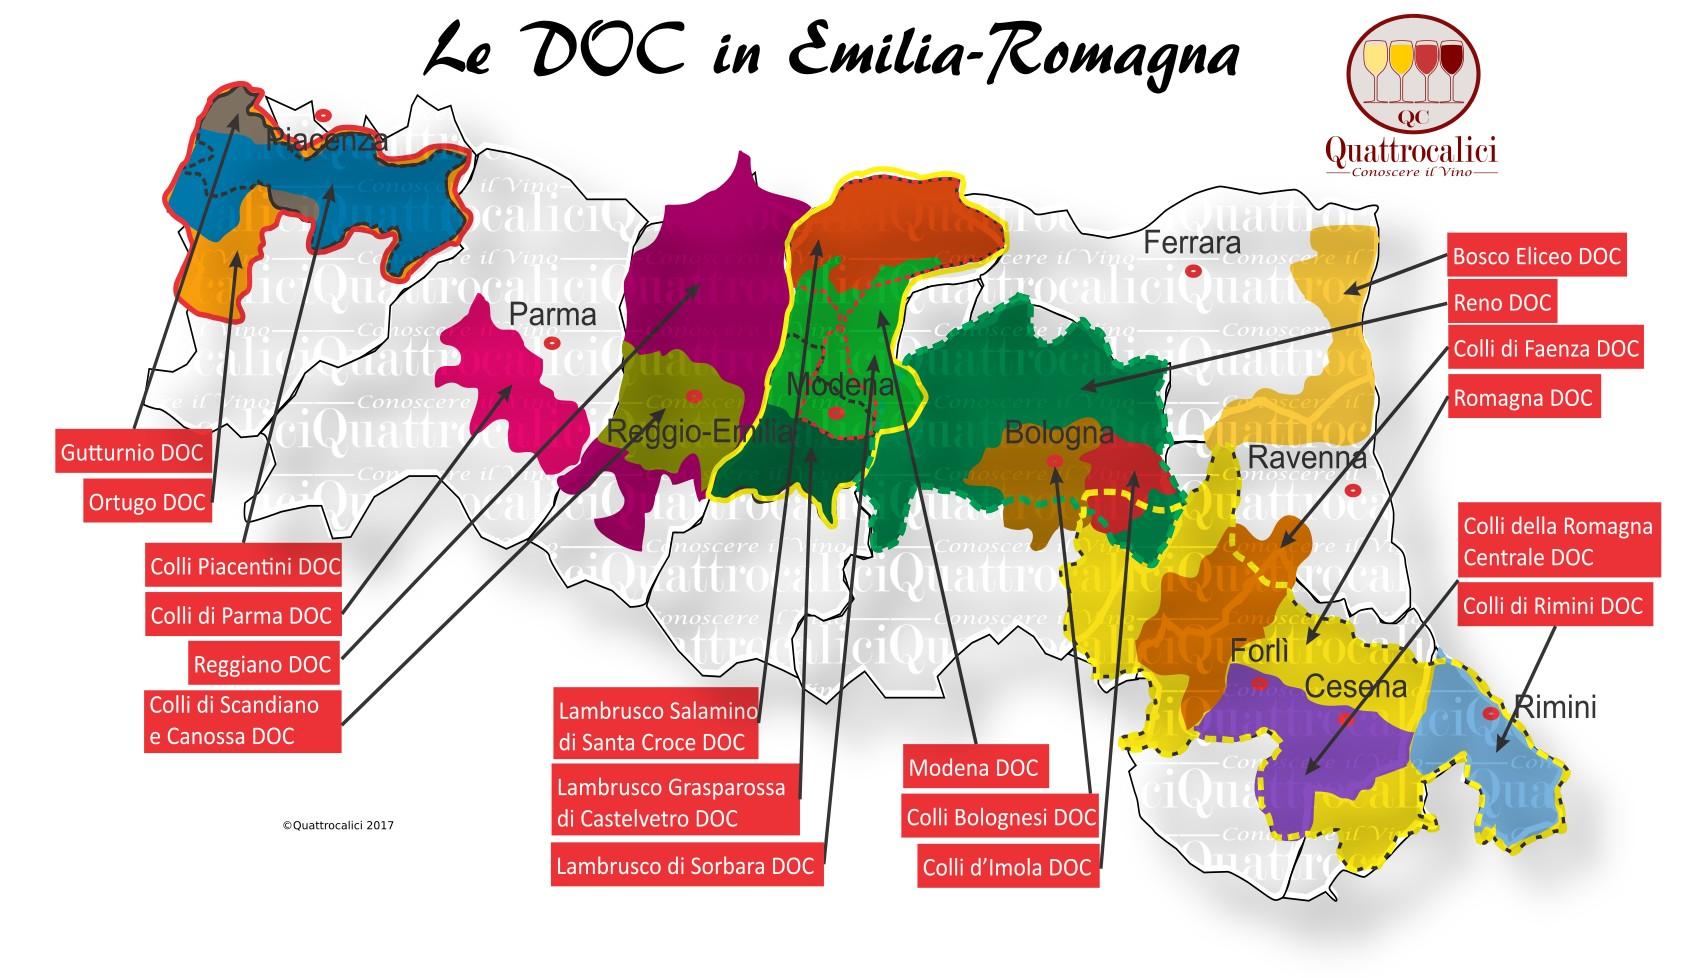 Le DOC in Emilia-Romagna